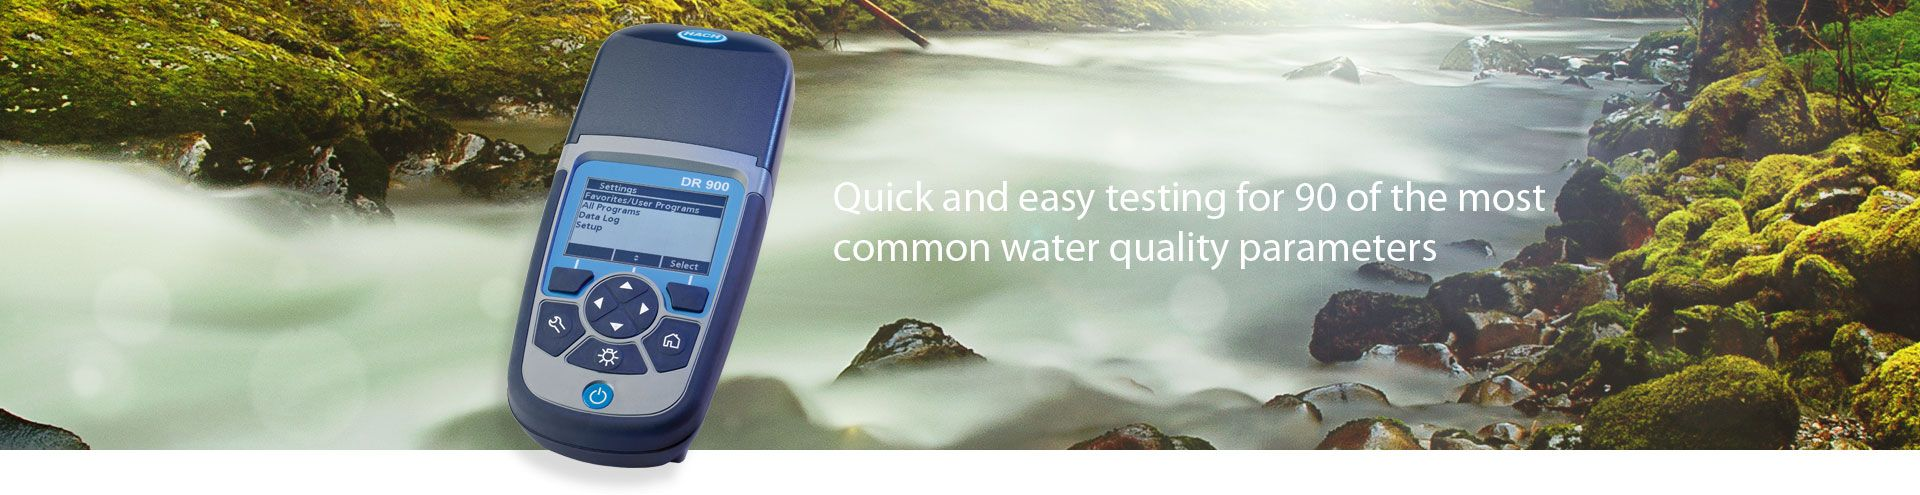 Hach DR 900 Multi-Parameter Handheld Colorimeter